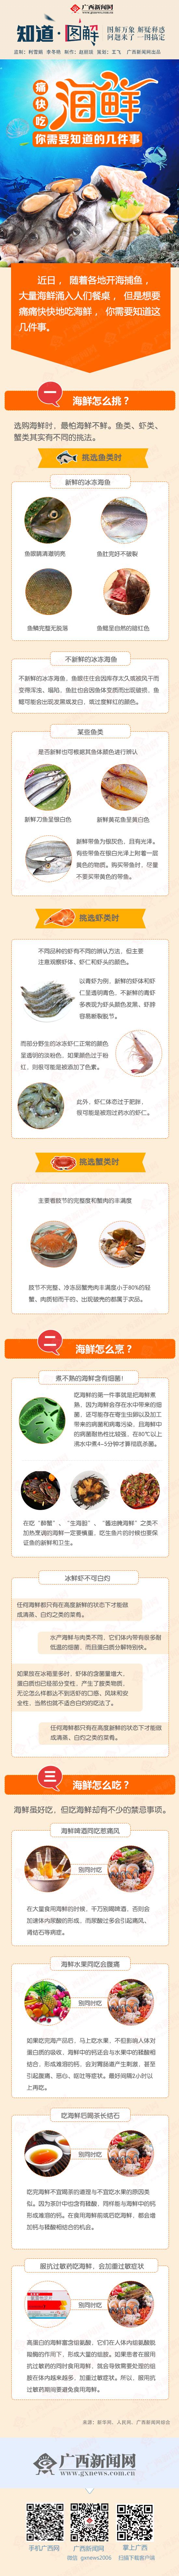 【知道·图解】痛快吃海鲜,你需要知道的几件事